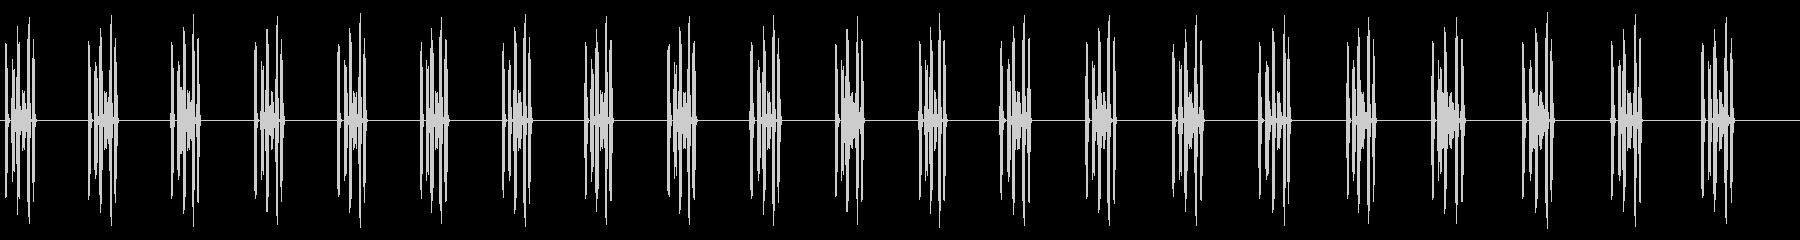 コンピューターテレメトリー:カウン...の未再生の波形